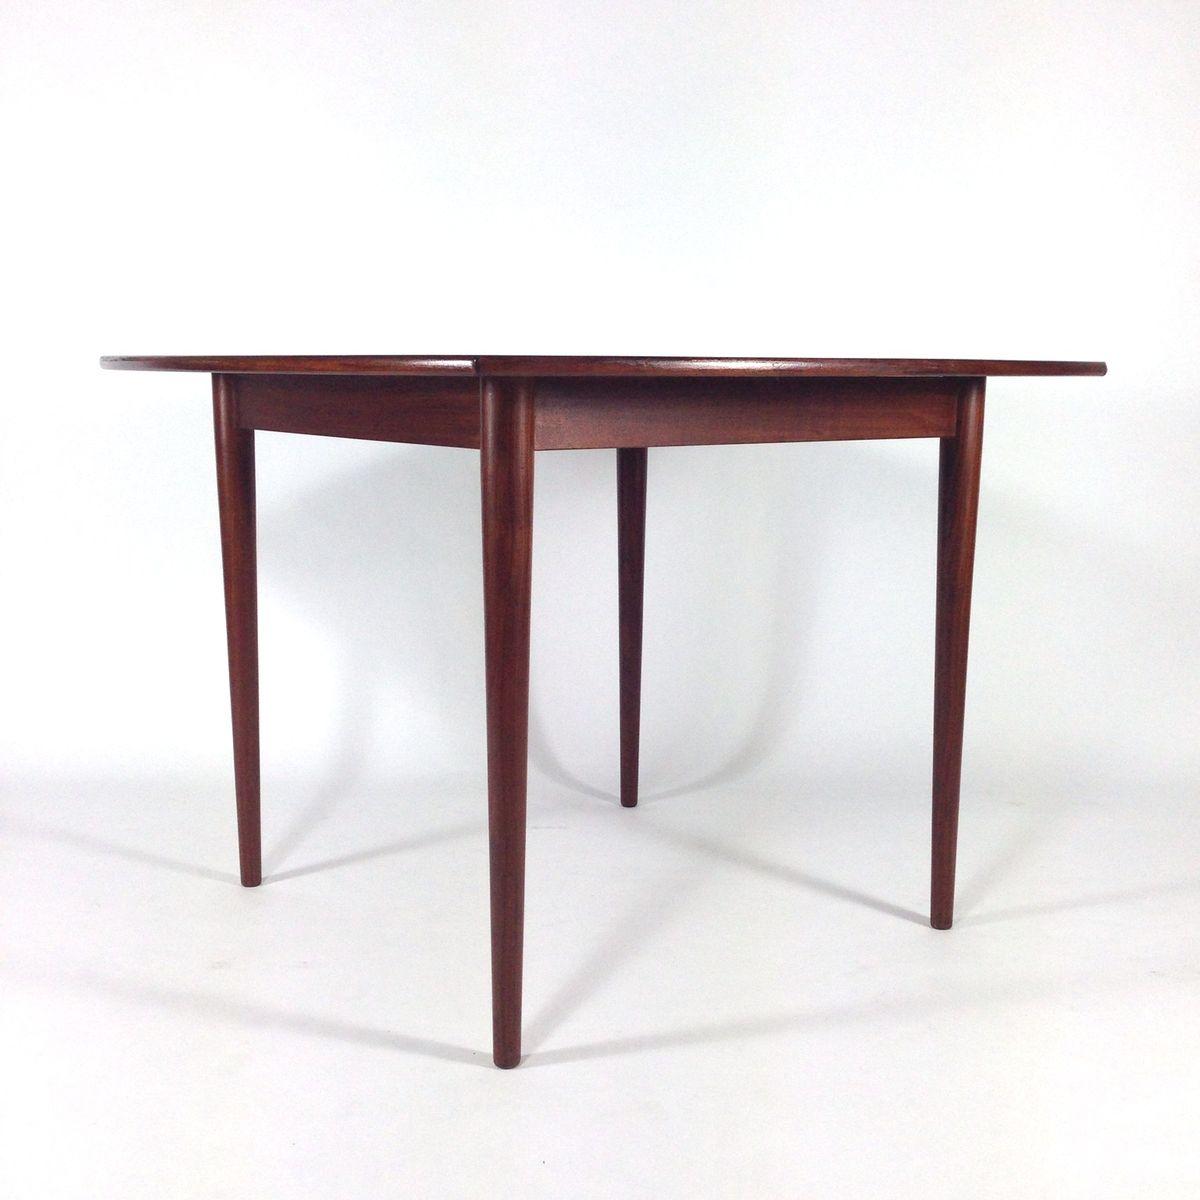 quadratischer d nischer esstisch 1950er bei pamono kaufen. Black Bedroom Furniture Sets. Home Design Ideas